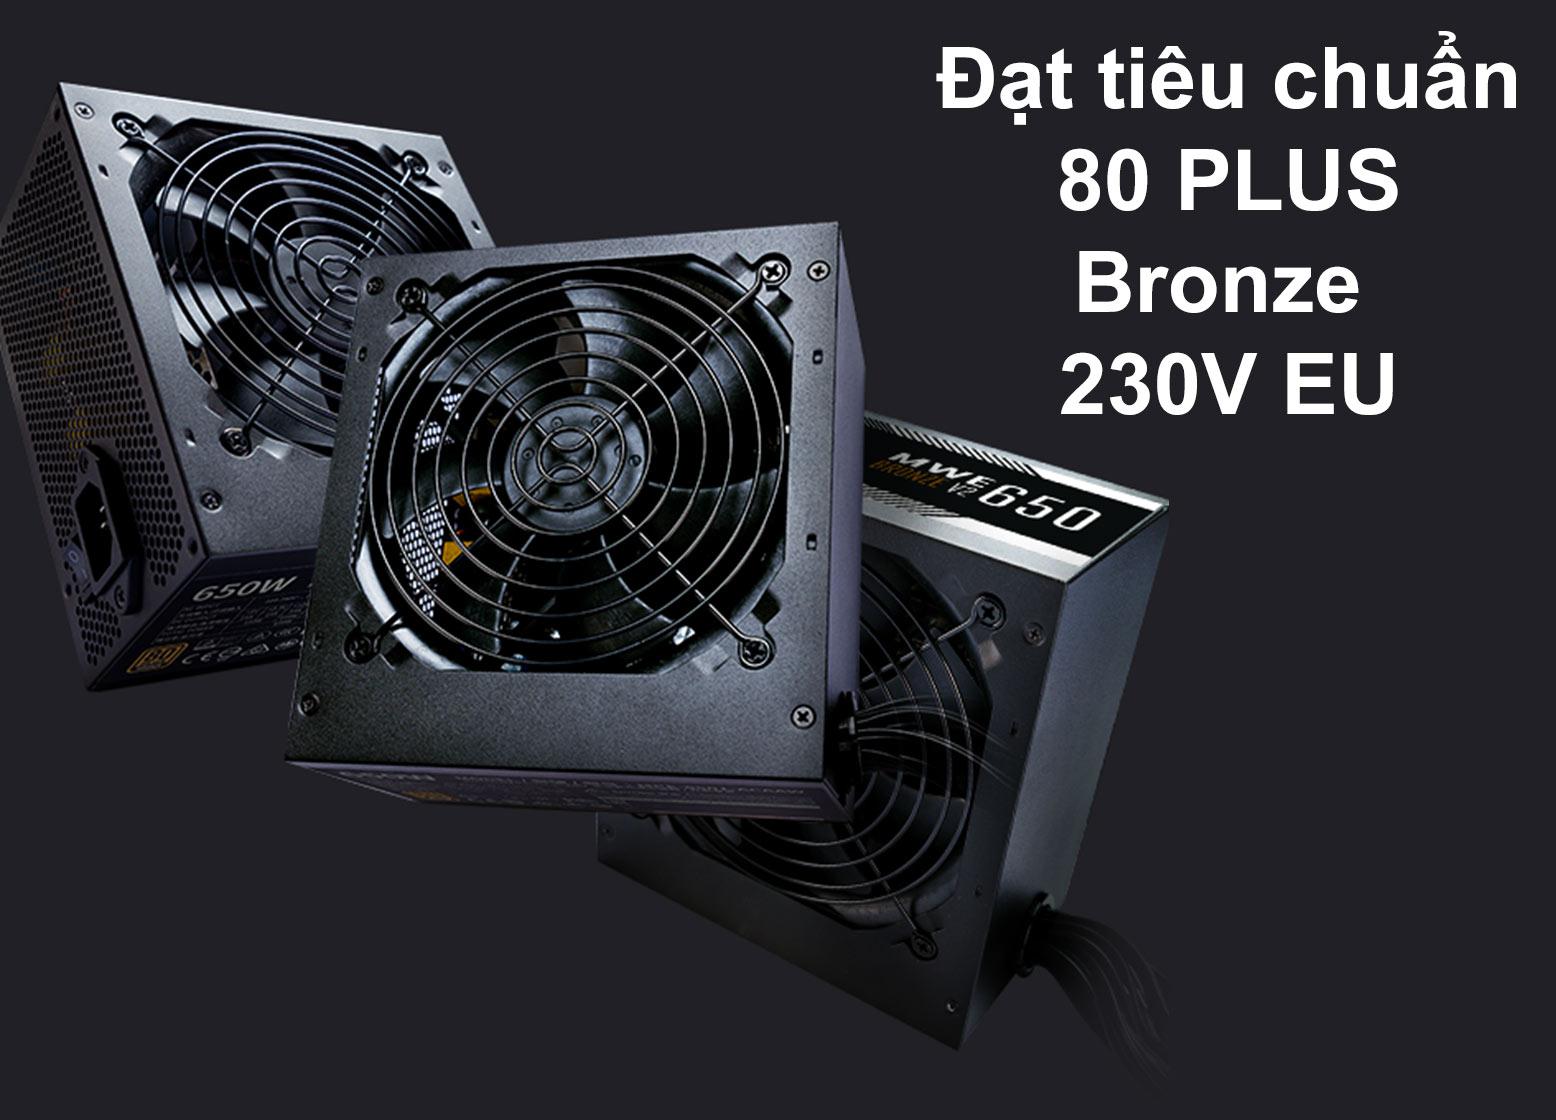 Bộ nguồn Power CM MWE Bronze 650W V2 230V   Đạt tiêu chuẩn 80 Plus